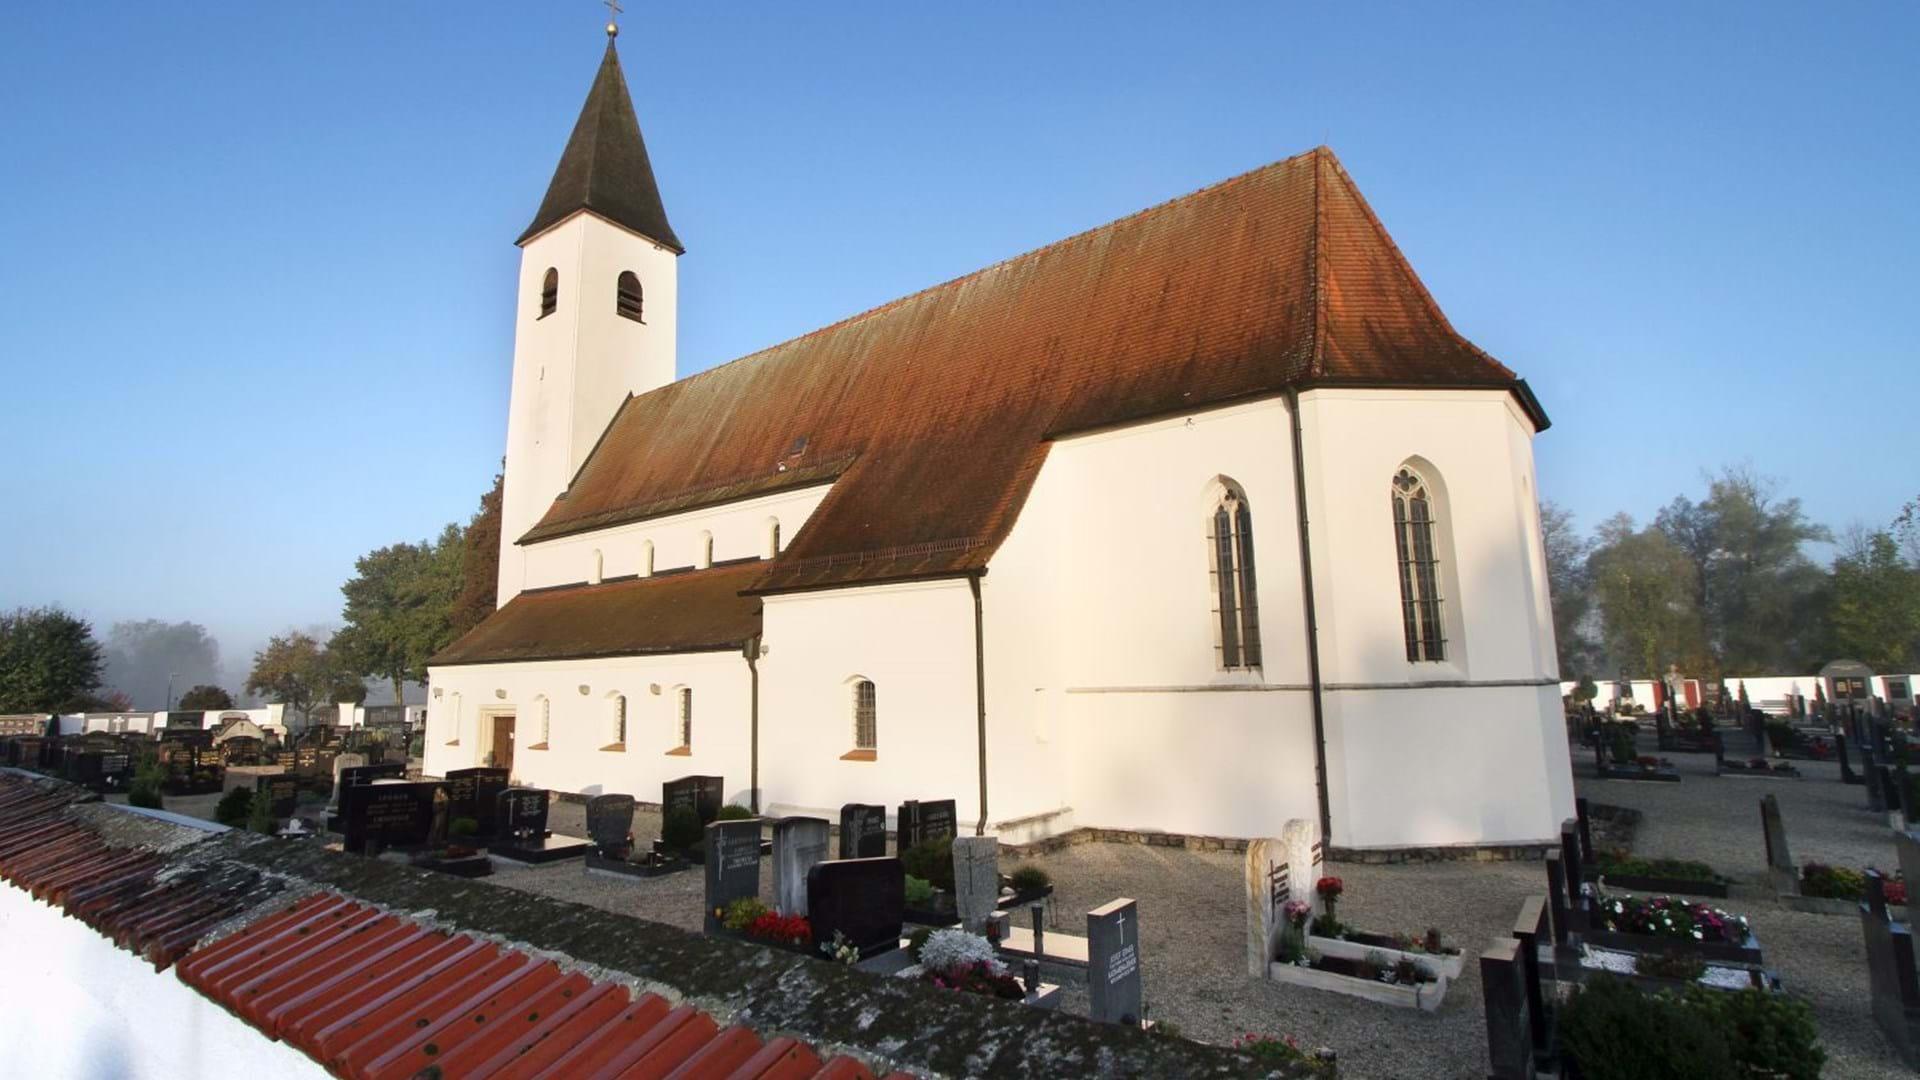 Kirche online datiert